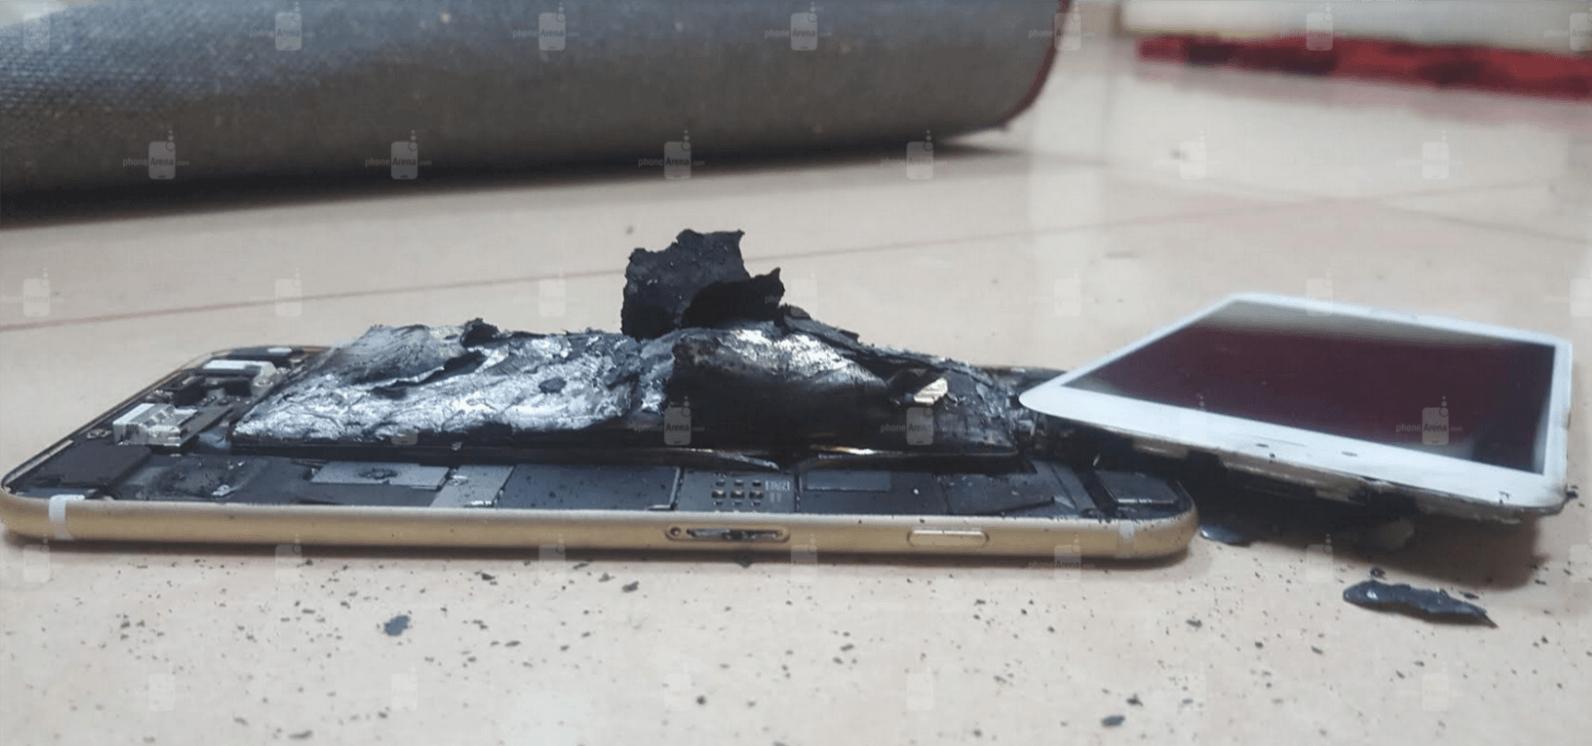 iPhone 6s staje w płomieniach - kto winien? 20